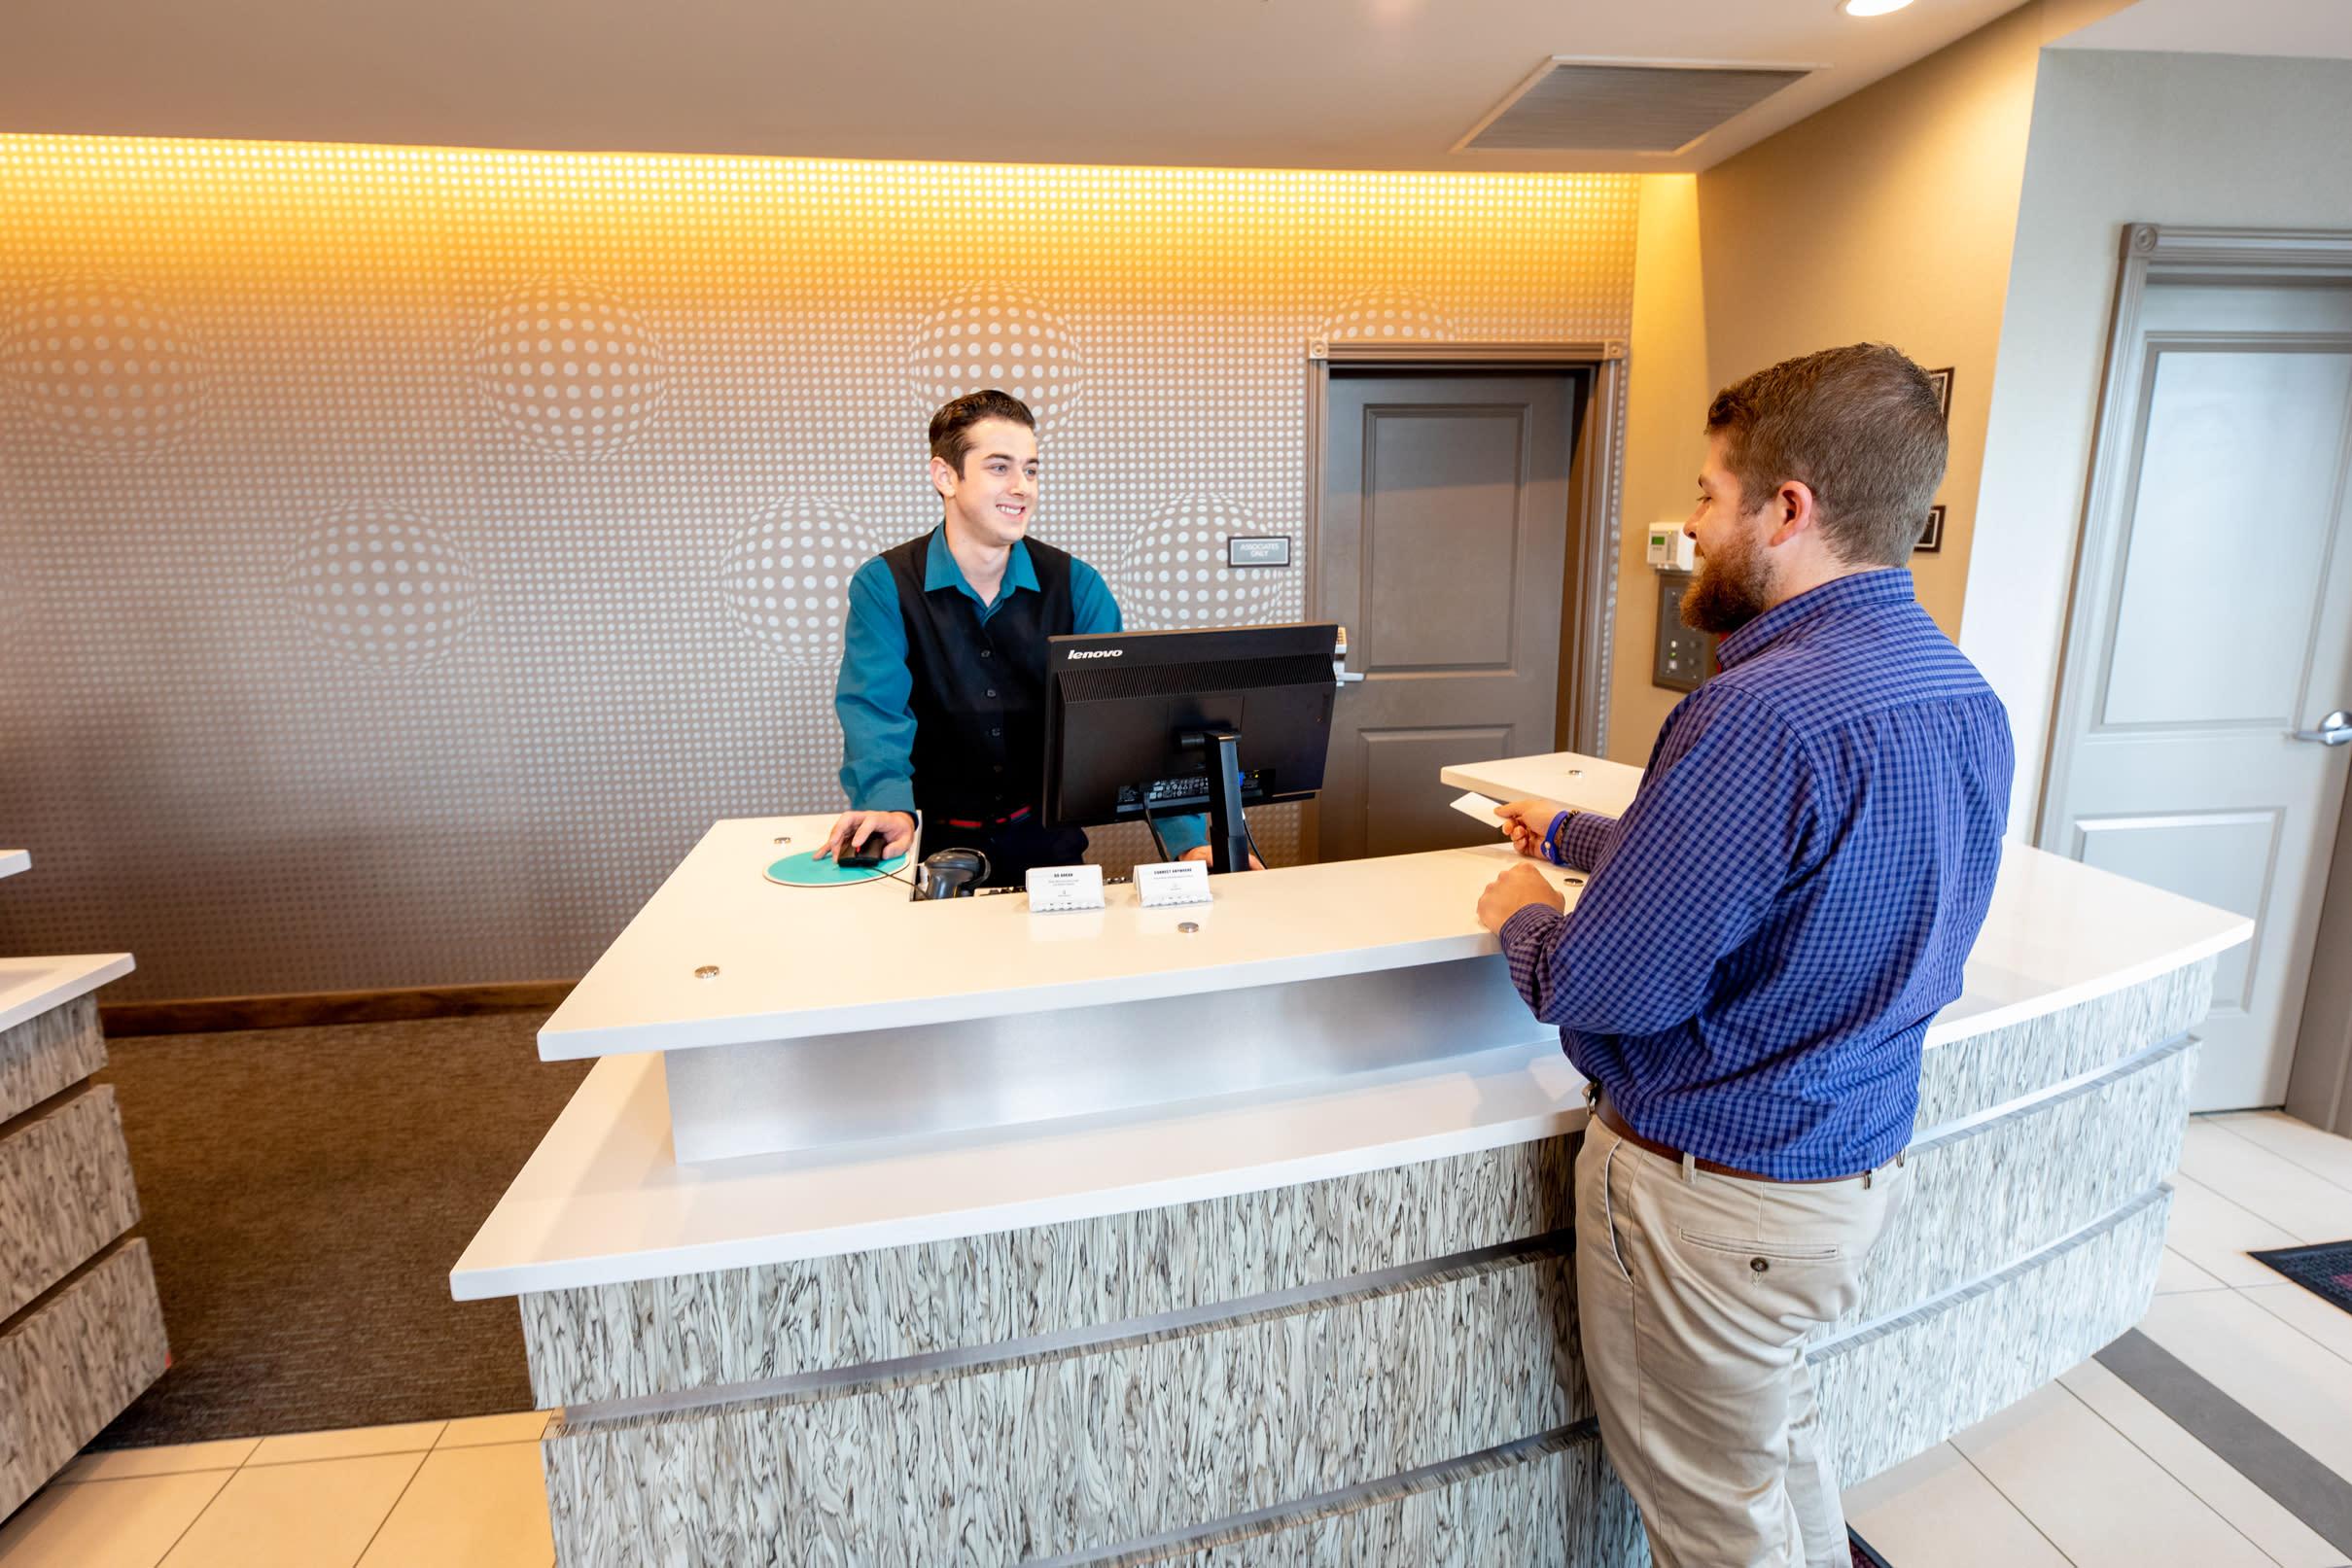 Man at Hotel Reception Desk